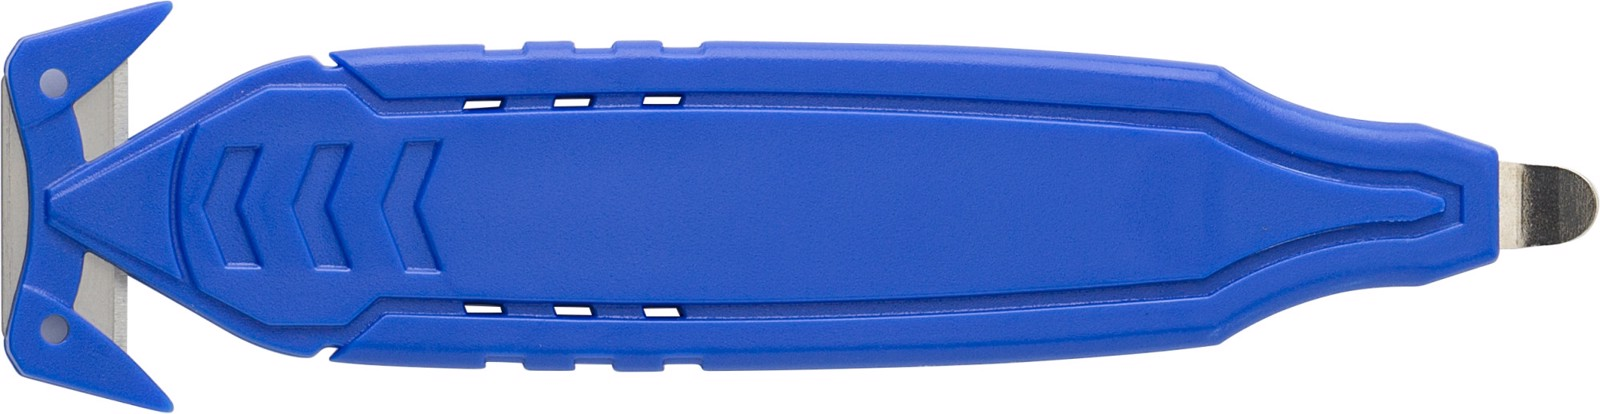 ABS foil cutter - Cobalt Blue